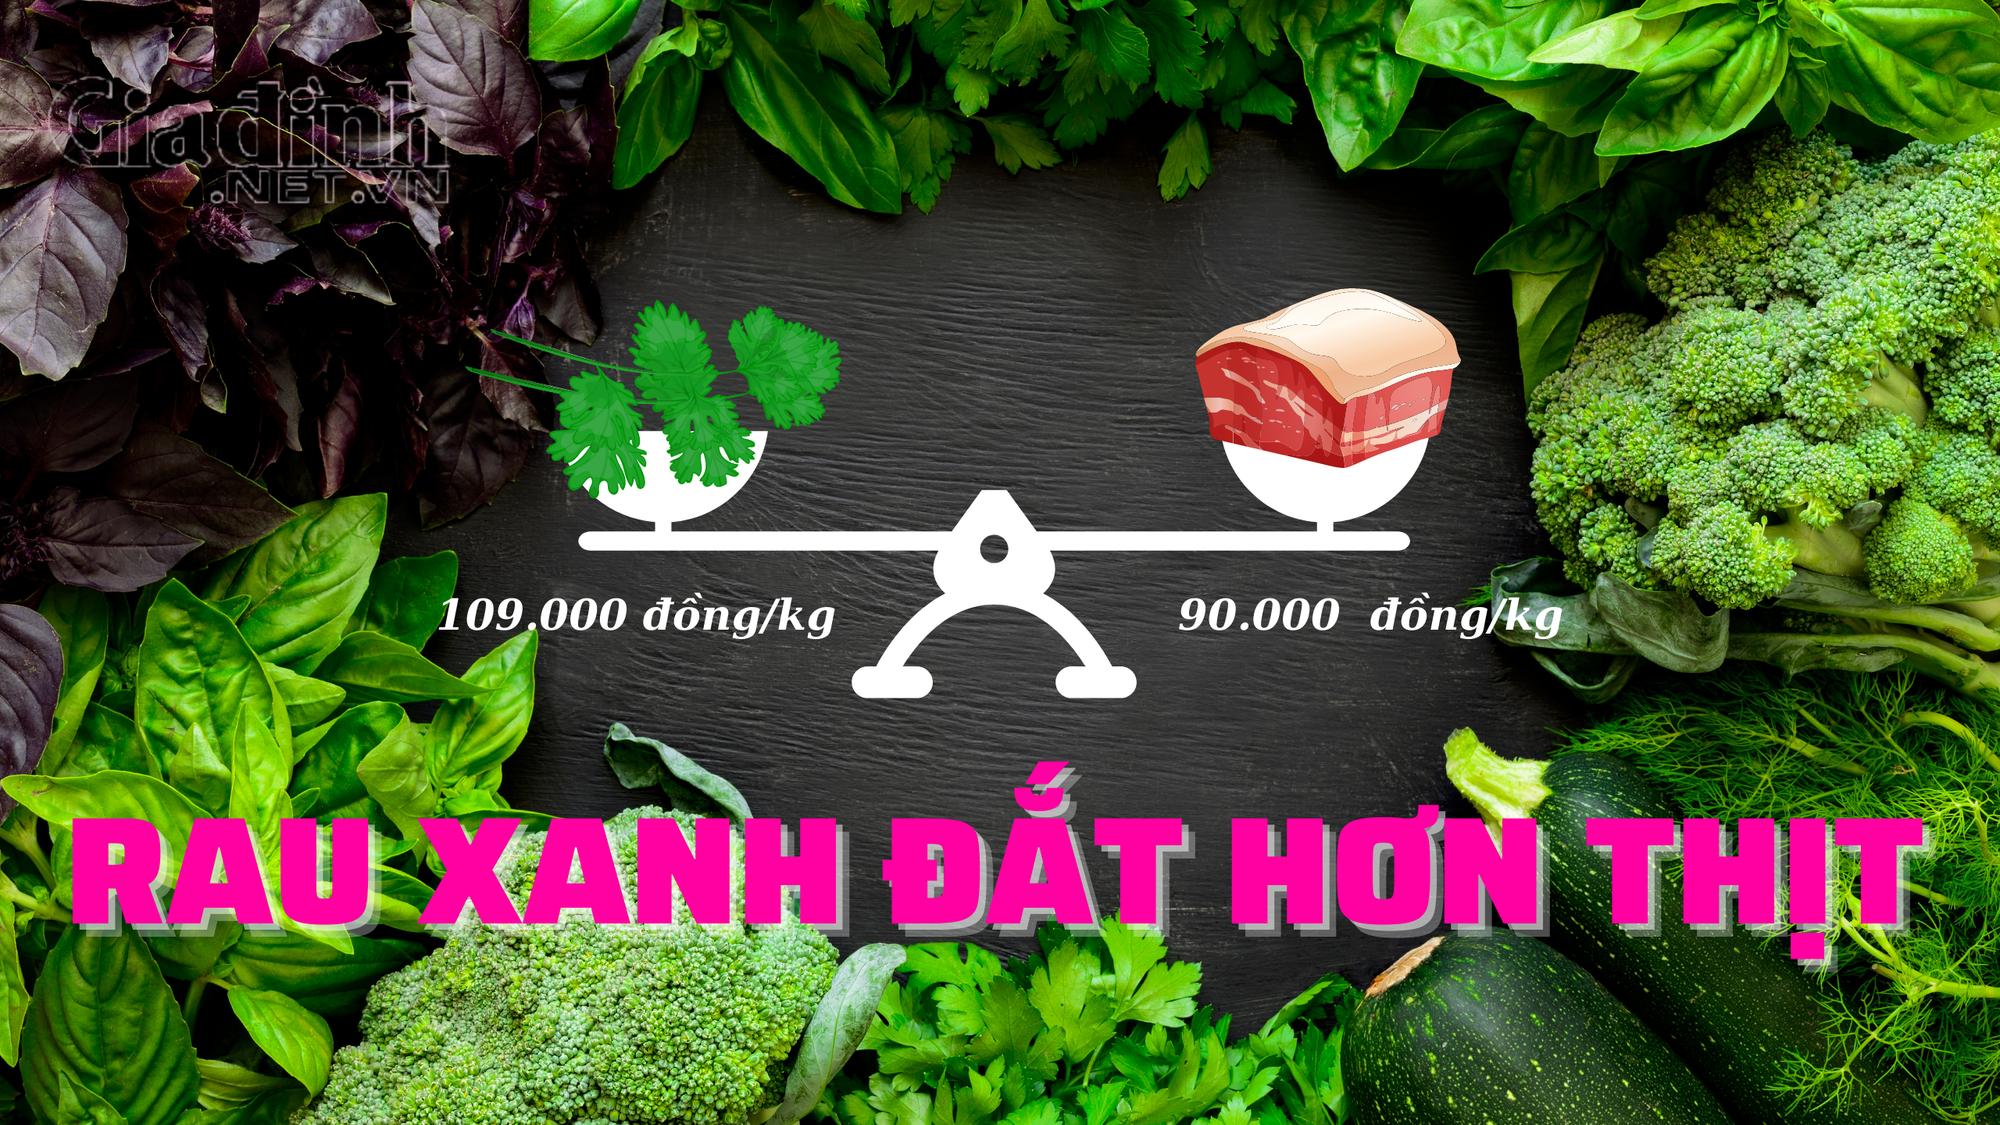 Thời tiết lạnh, rau xanh tăng giá đắt hơn thịt, lên đến hơn 100.000 đồng/kg